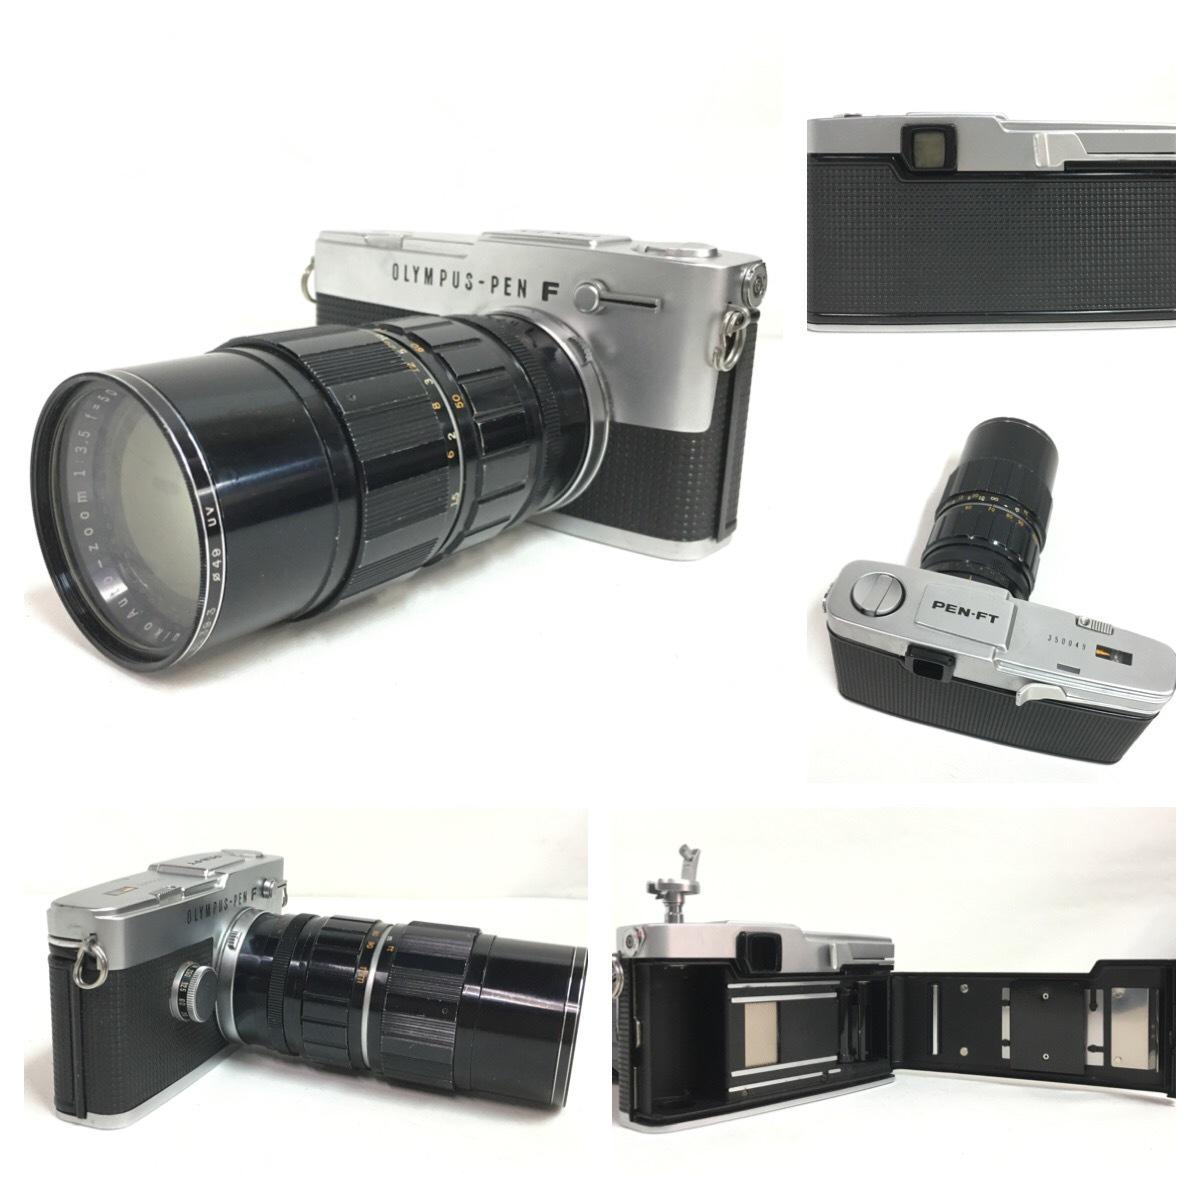 1円~ 動確OK!まとめて【OLYMPUS/日本製】フィルムカメラ PEN-F/PEN-FT レンズ 5本 他セット K18-0420-05_画像2